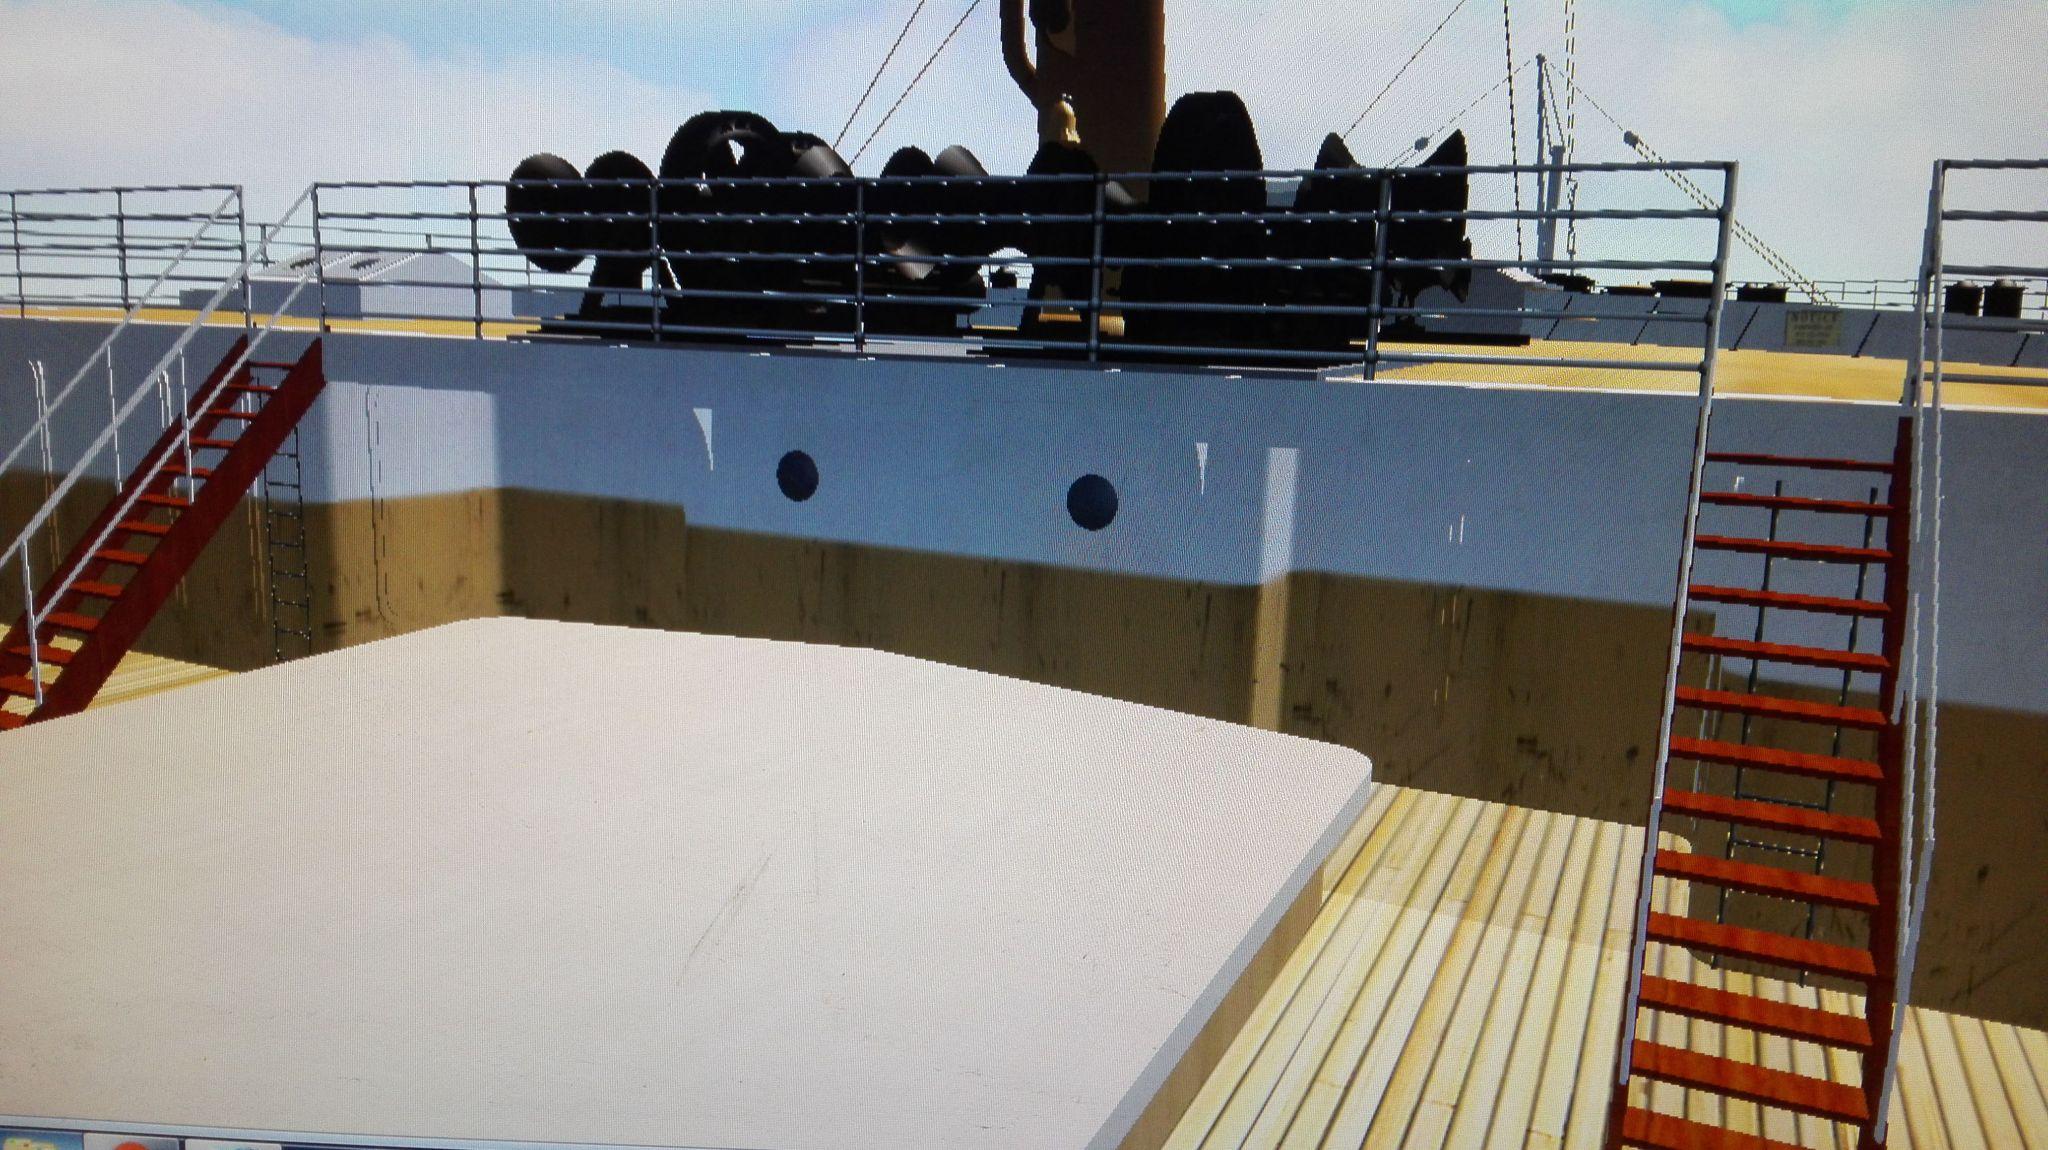 titanic - Modifiche e Correzioni Titanic Hachette by bianco64squalo - Pagina 32 2ii8x83